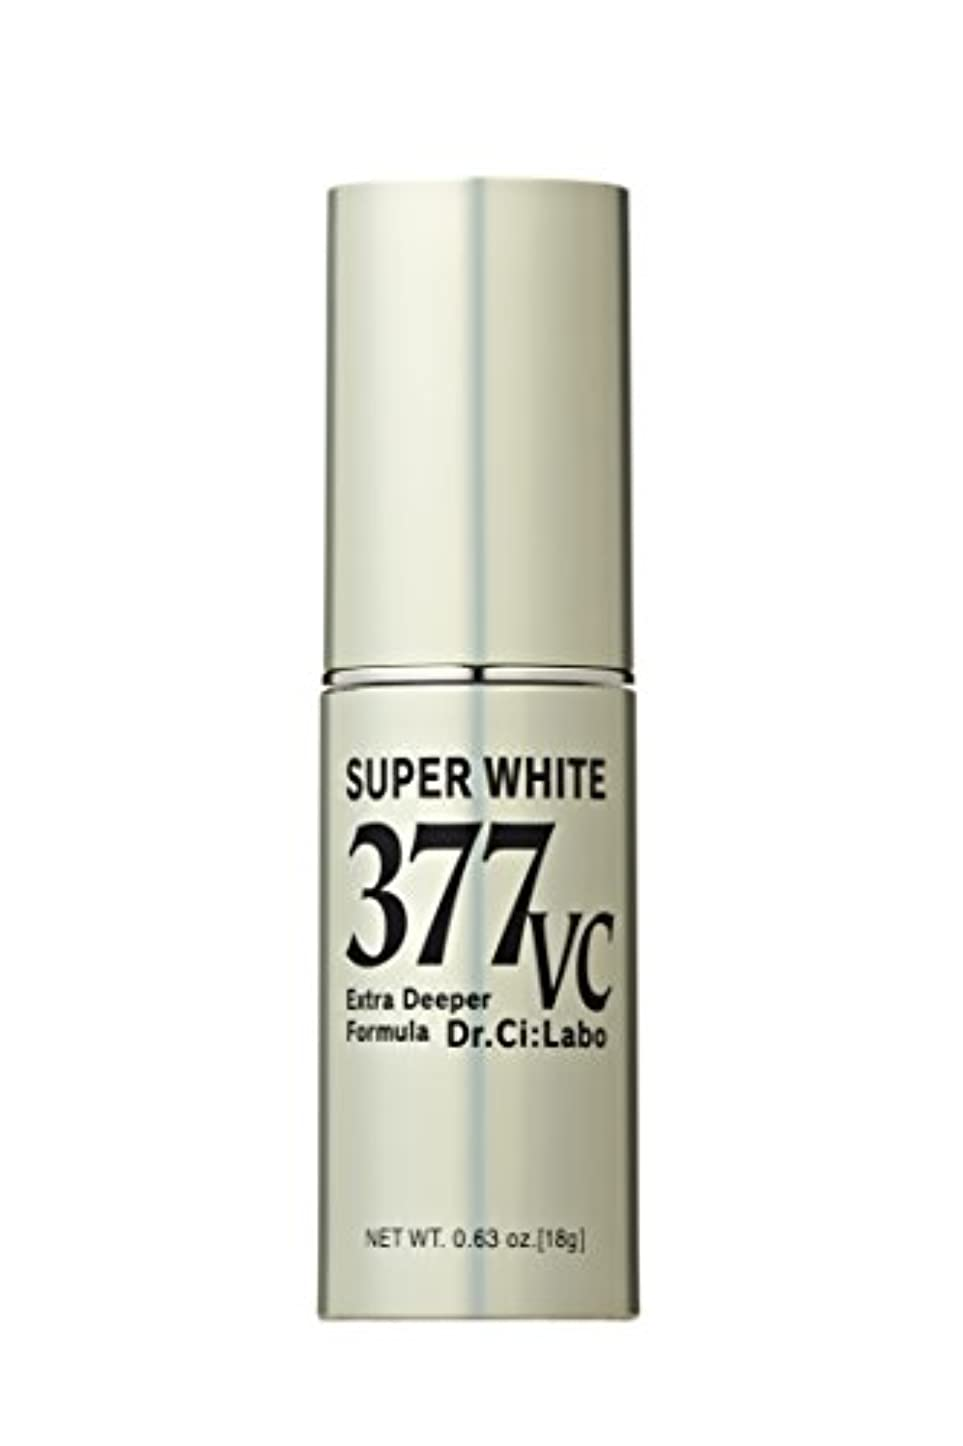 マウンド気まぐれな熱望するドクターシーラボ スーパーホワイト377VC(ブイシー) 高浸透ビタミンC 美容液 18g